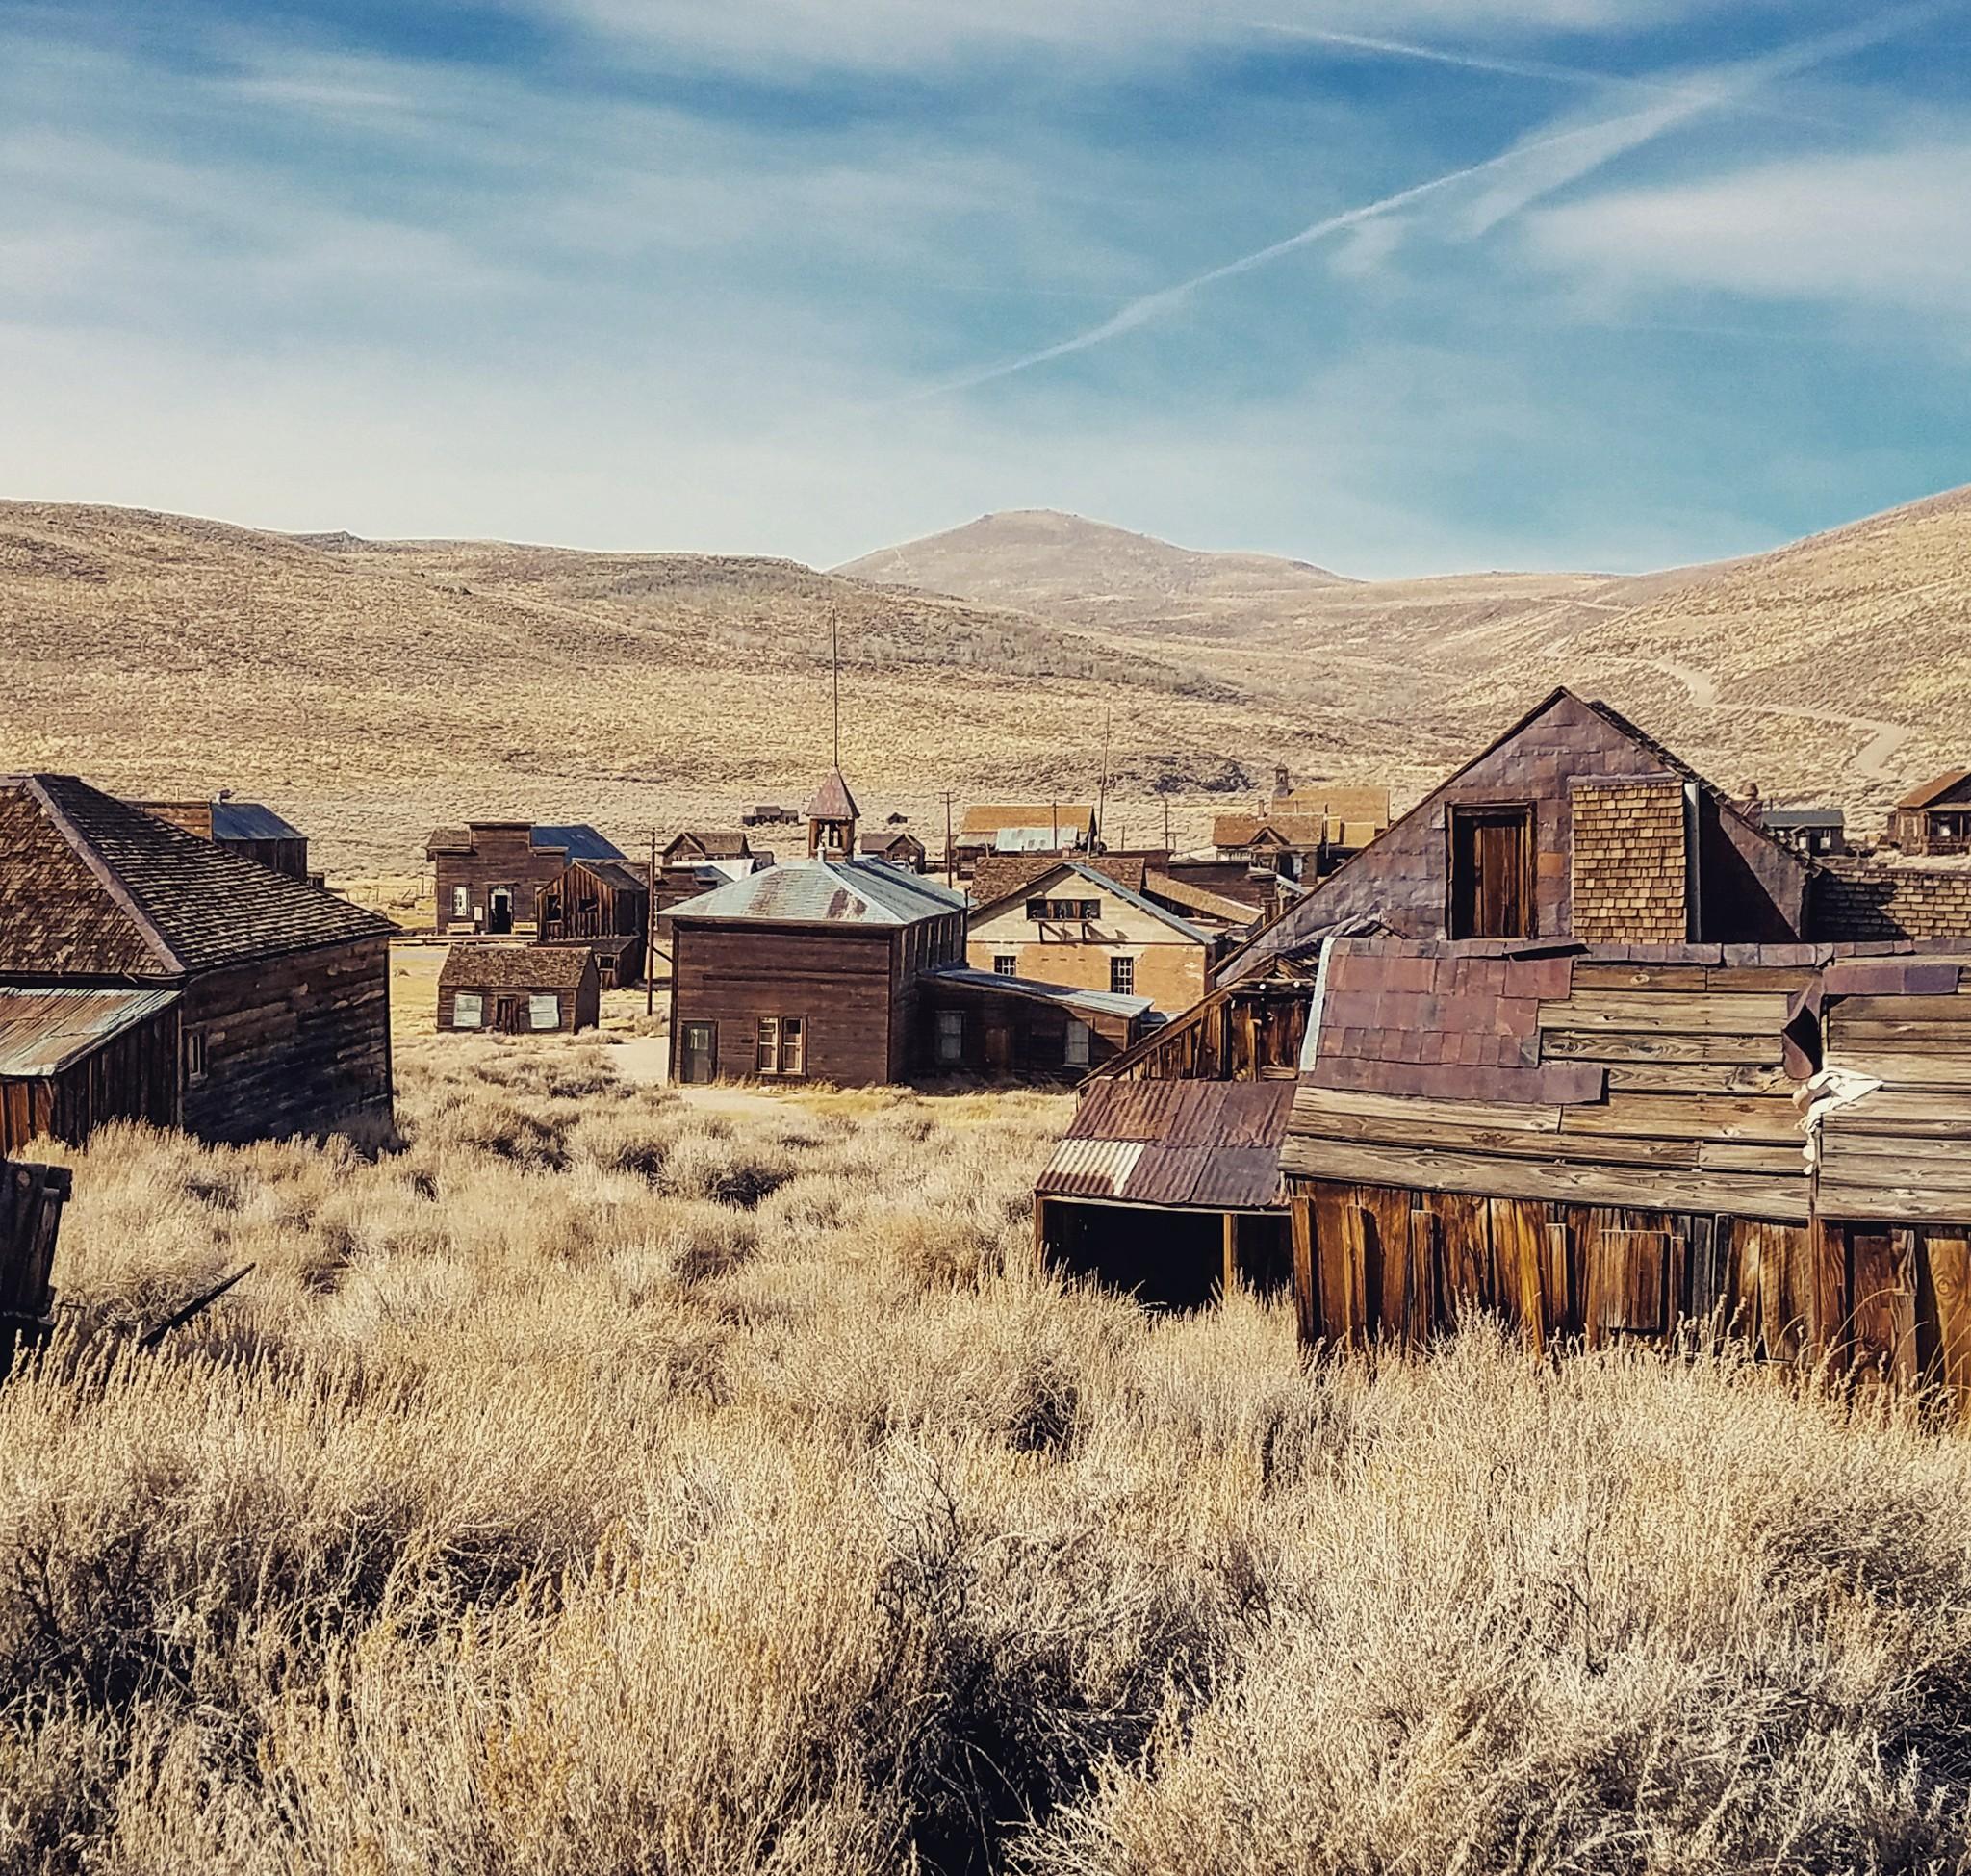 bodie-ghost-town-buildings